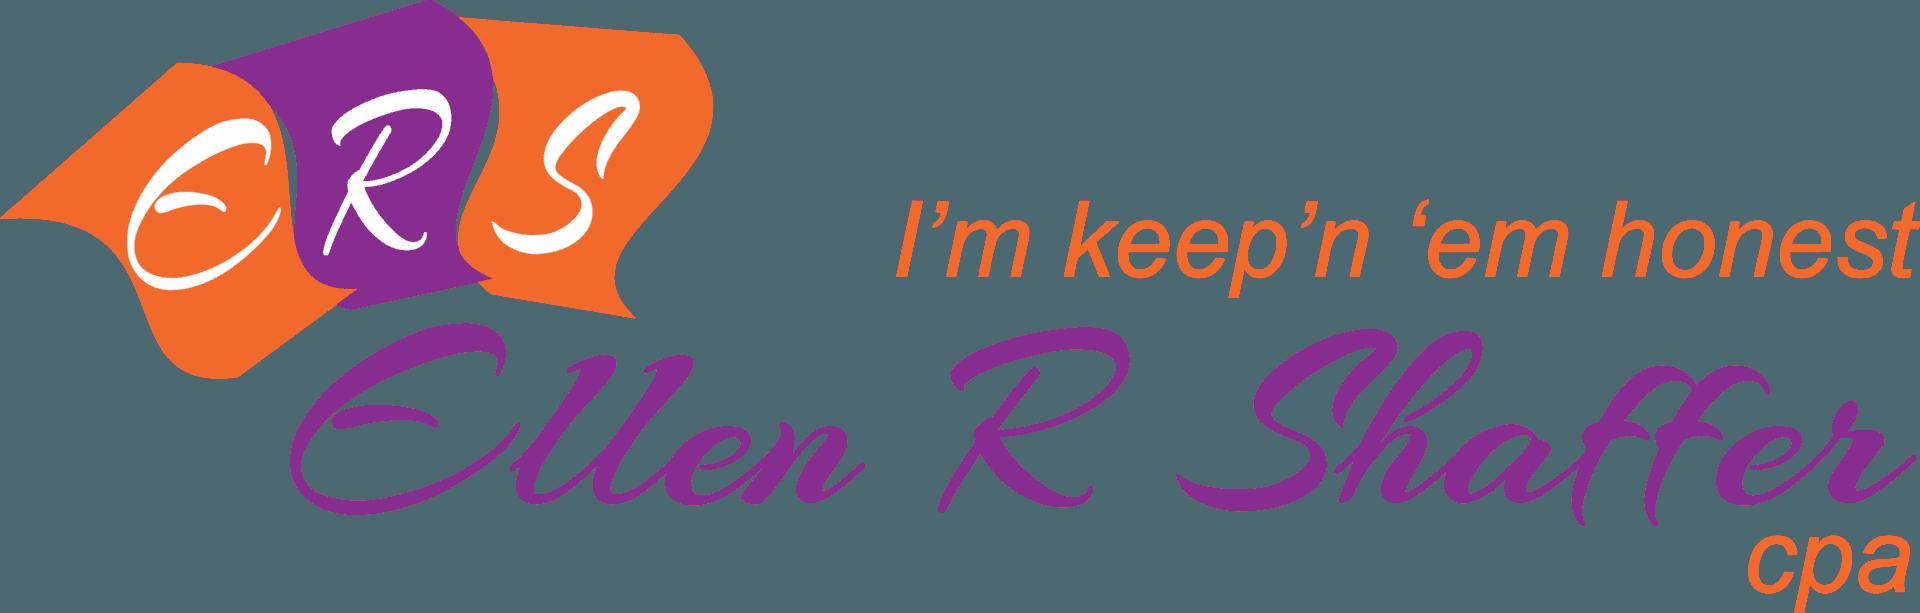 Ellen R Shaffer CPA, LLC - logo